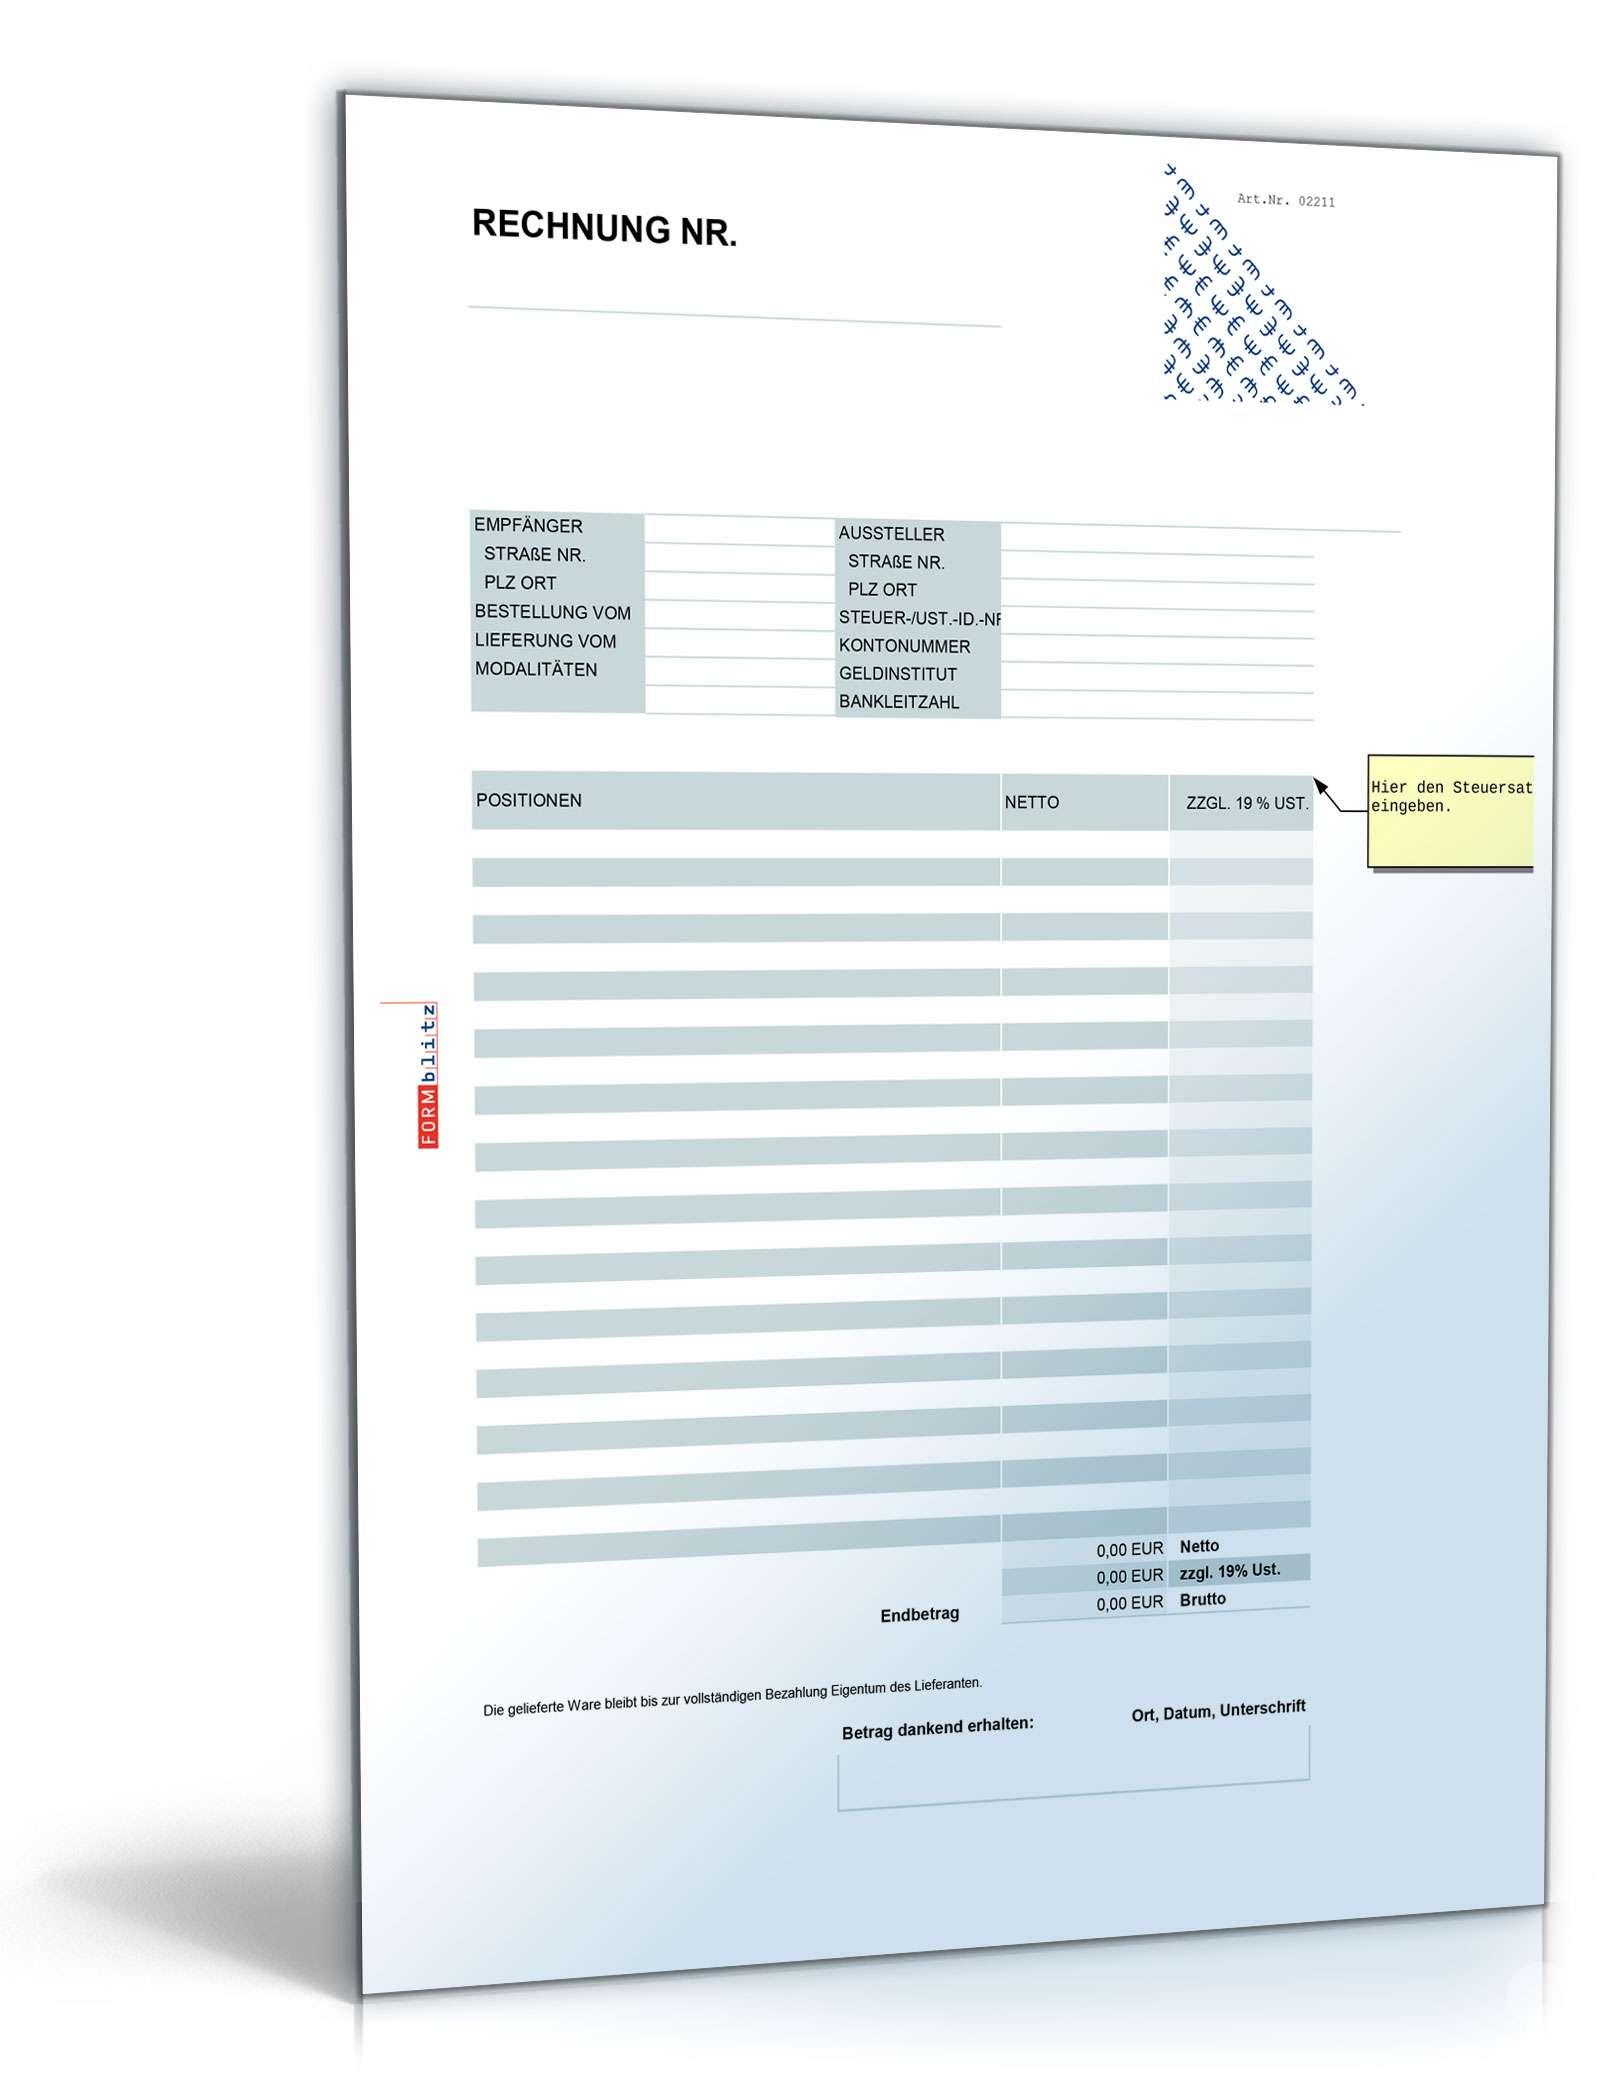 rechnung netto umsatzsteuer einheitlich muster zum download. Black Bedroom Furniture Sets. Home Design Ideas